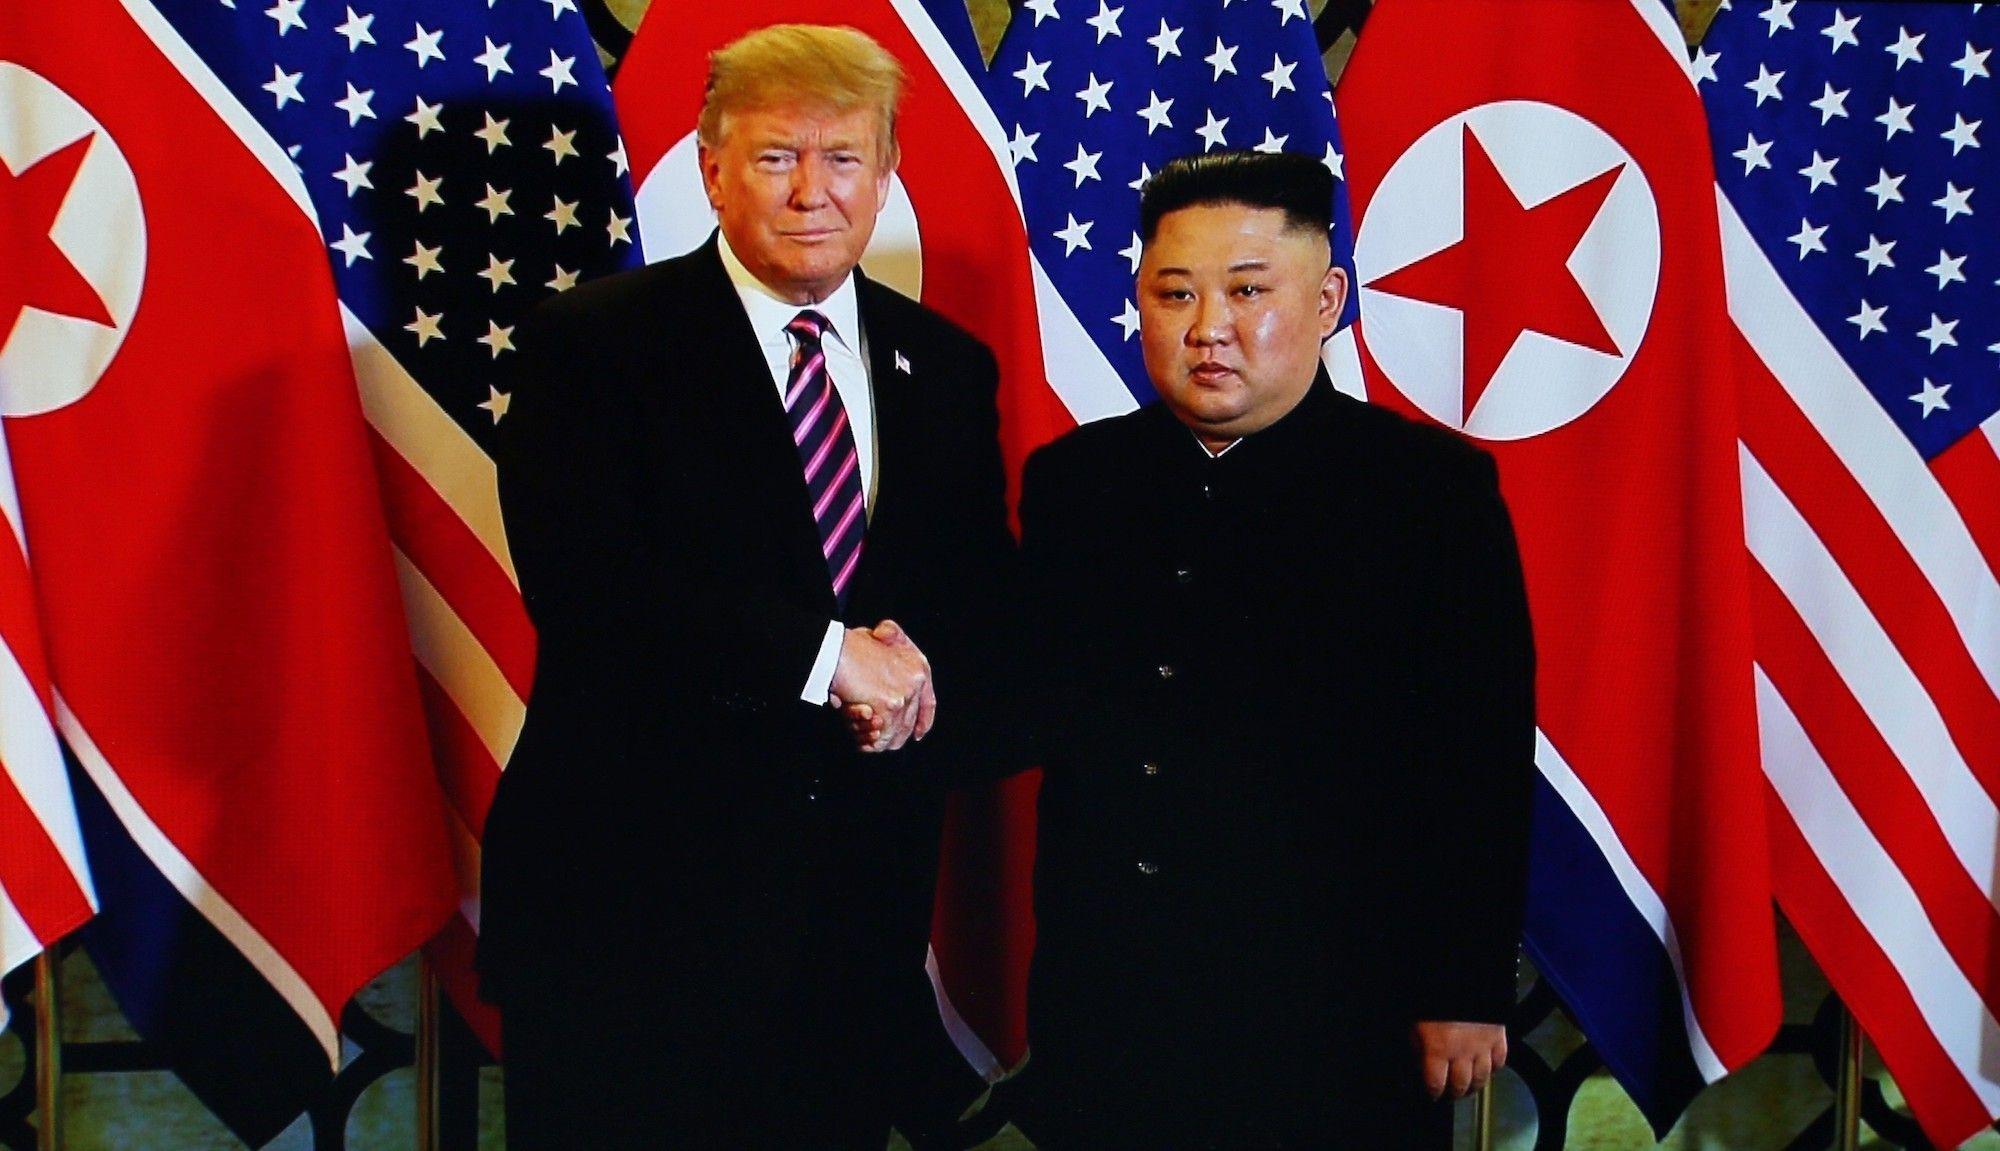 Trump and Kim shake hands in Hanoi.